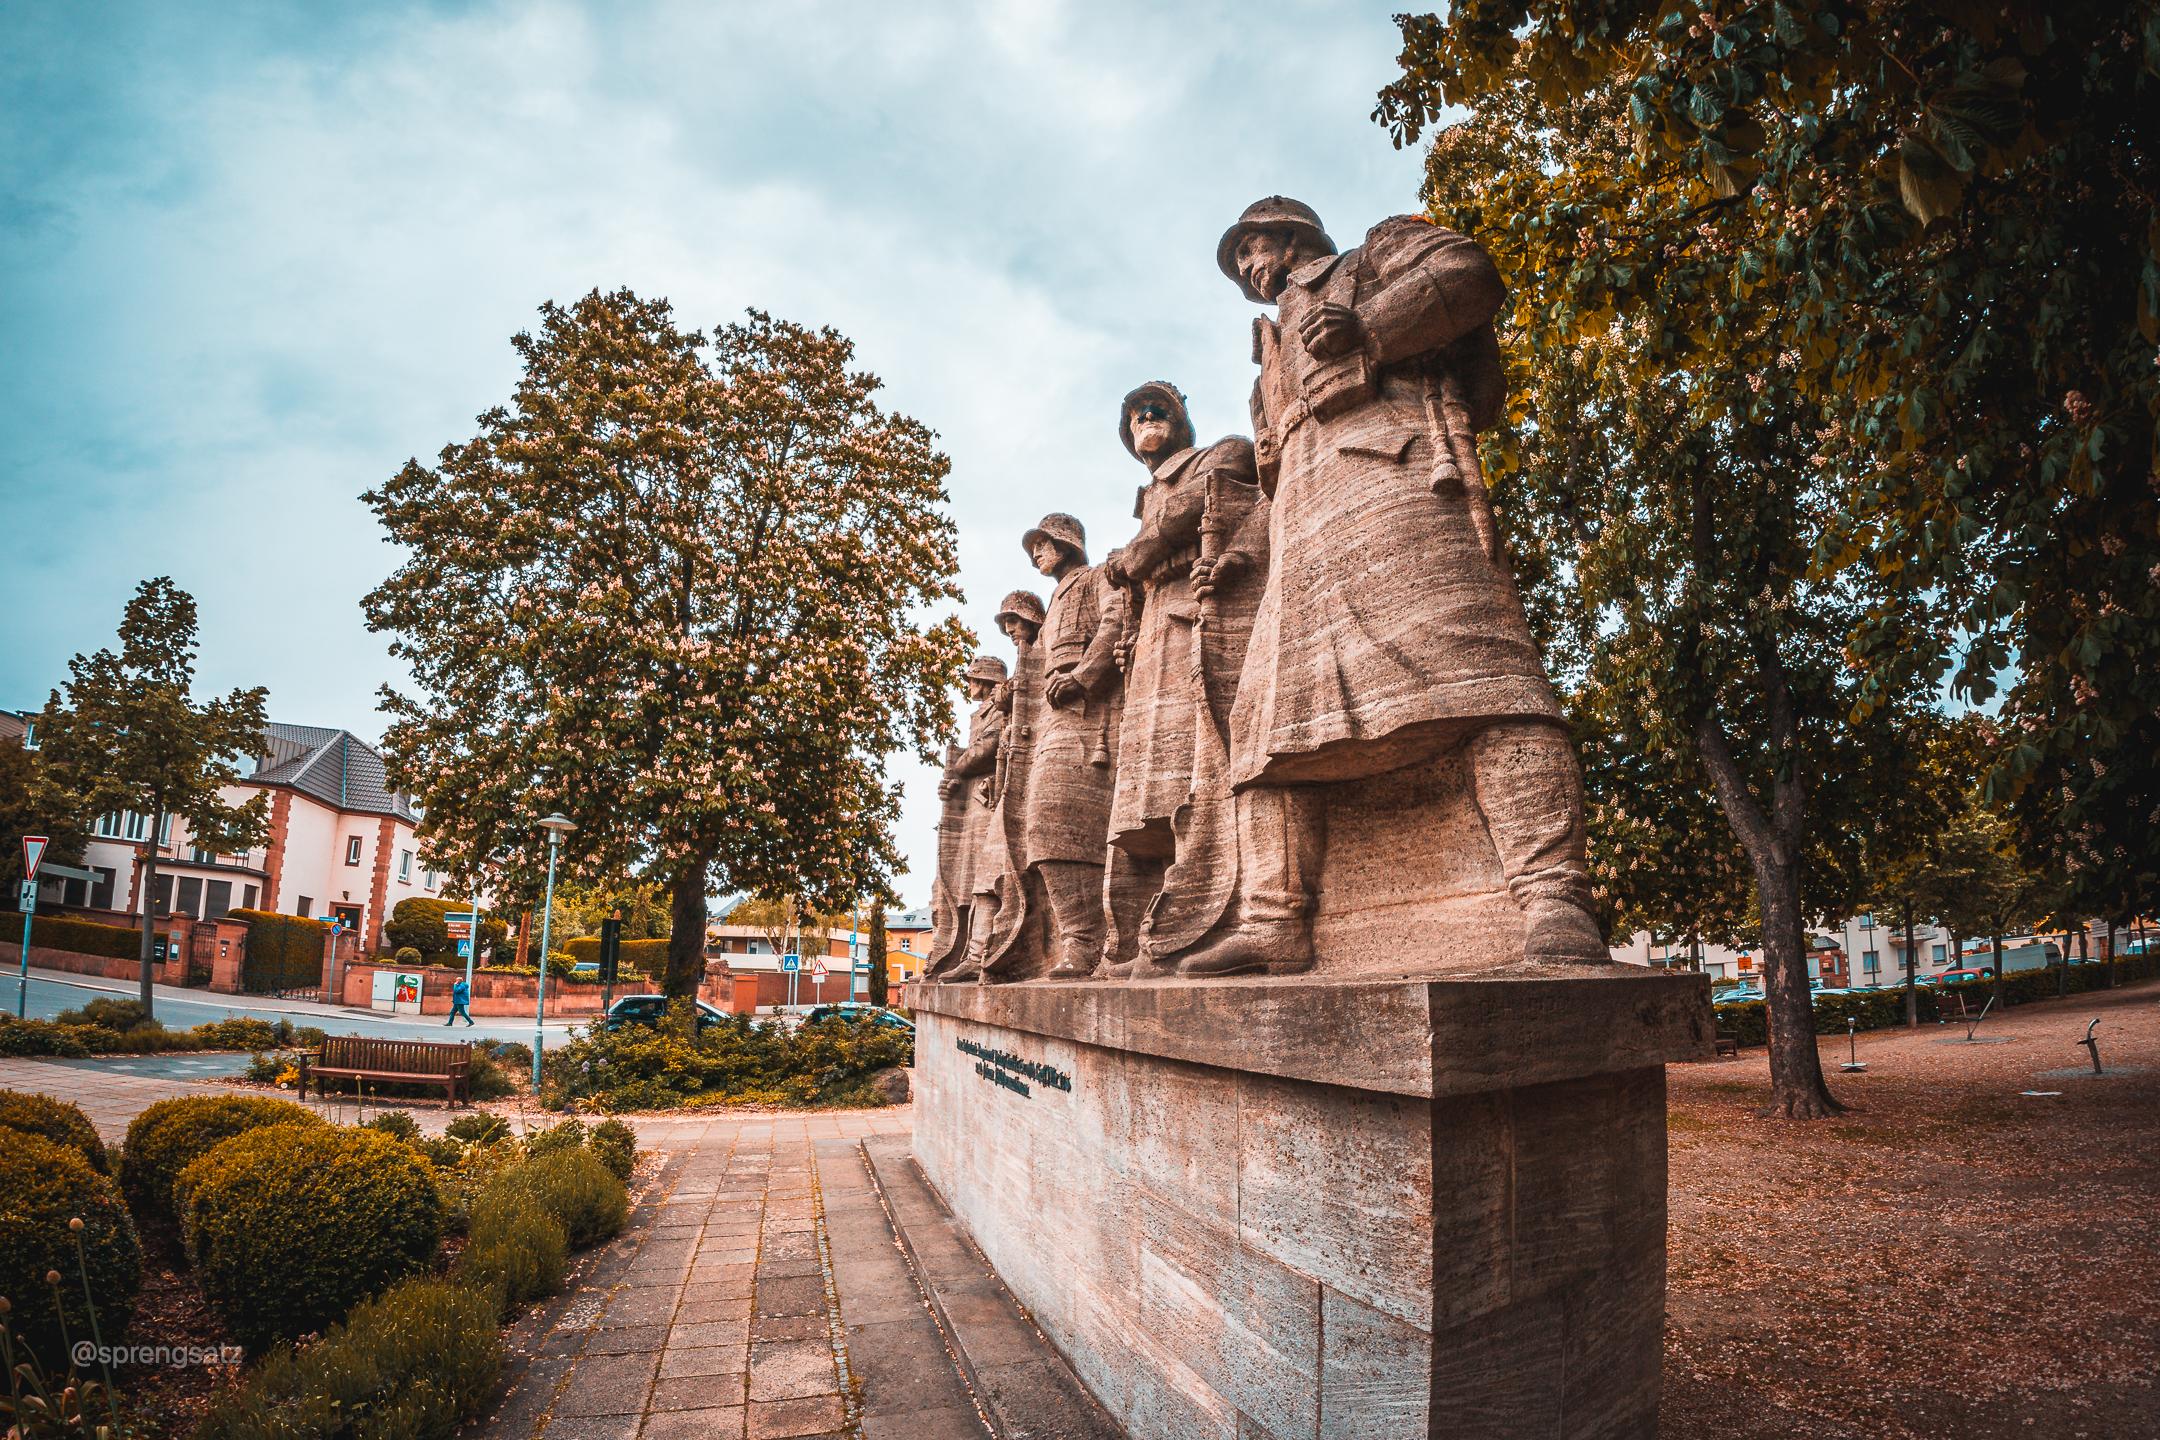 """Wormser Denkmal zu Ehren des 118. Infanterieregiments von Prinz Carl. Inschrift: """"Dem Infanterie Regiment Prinz Carl (4. Großherzoglich Hessisches) Nr. 118 und seinen Feldformationen."""""""